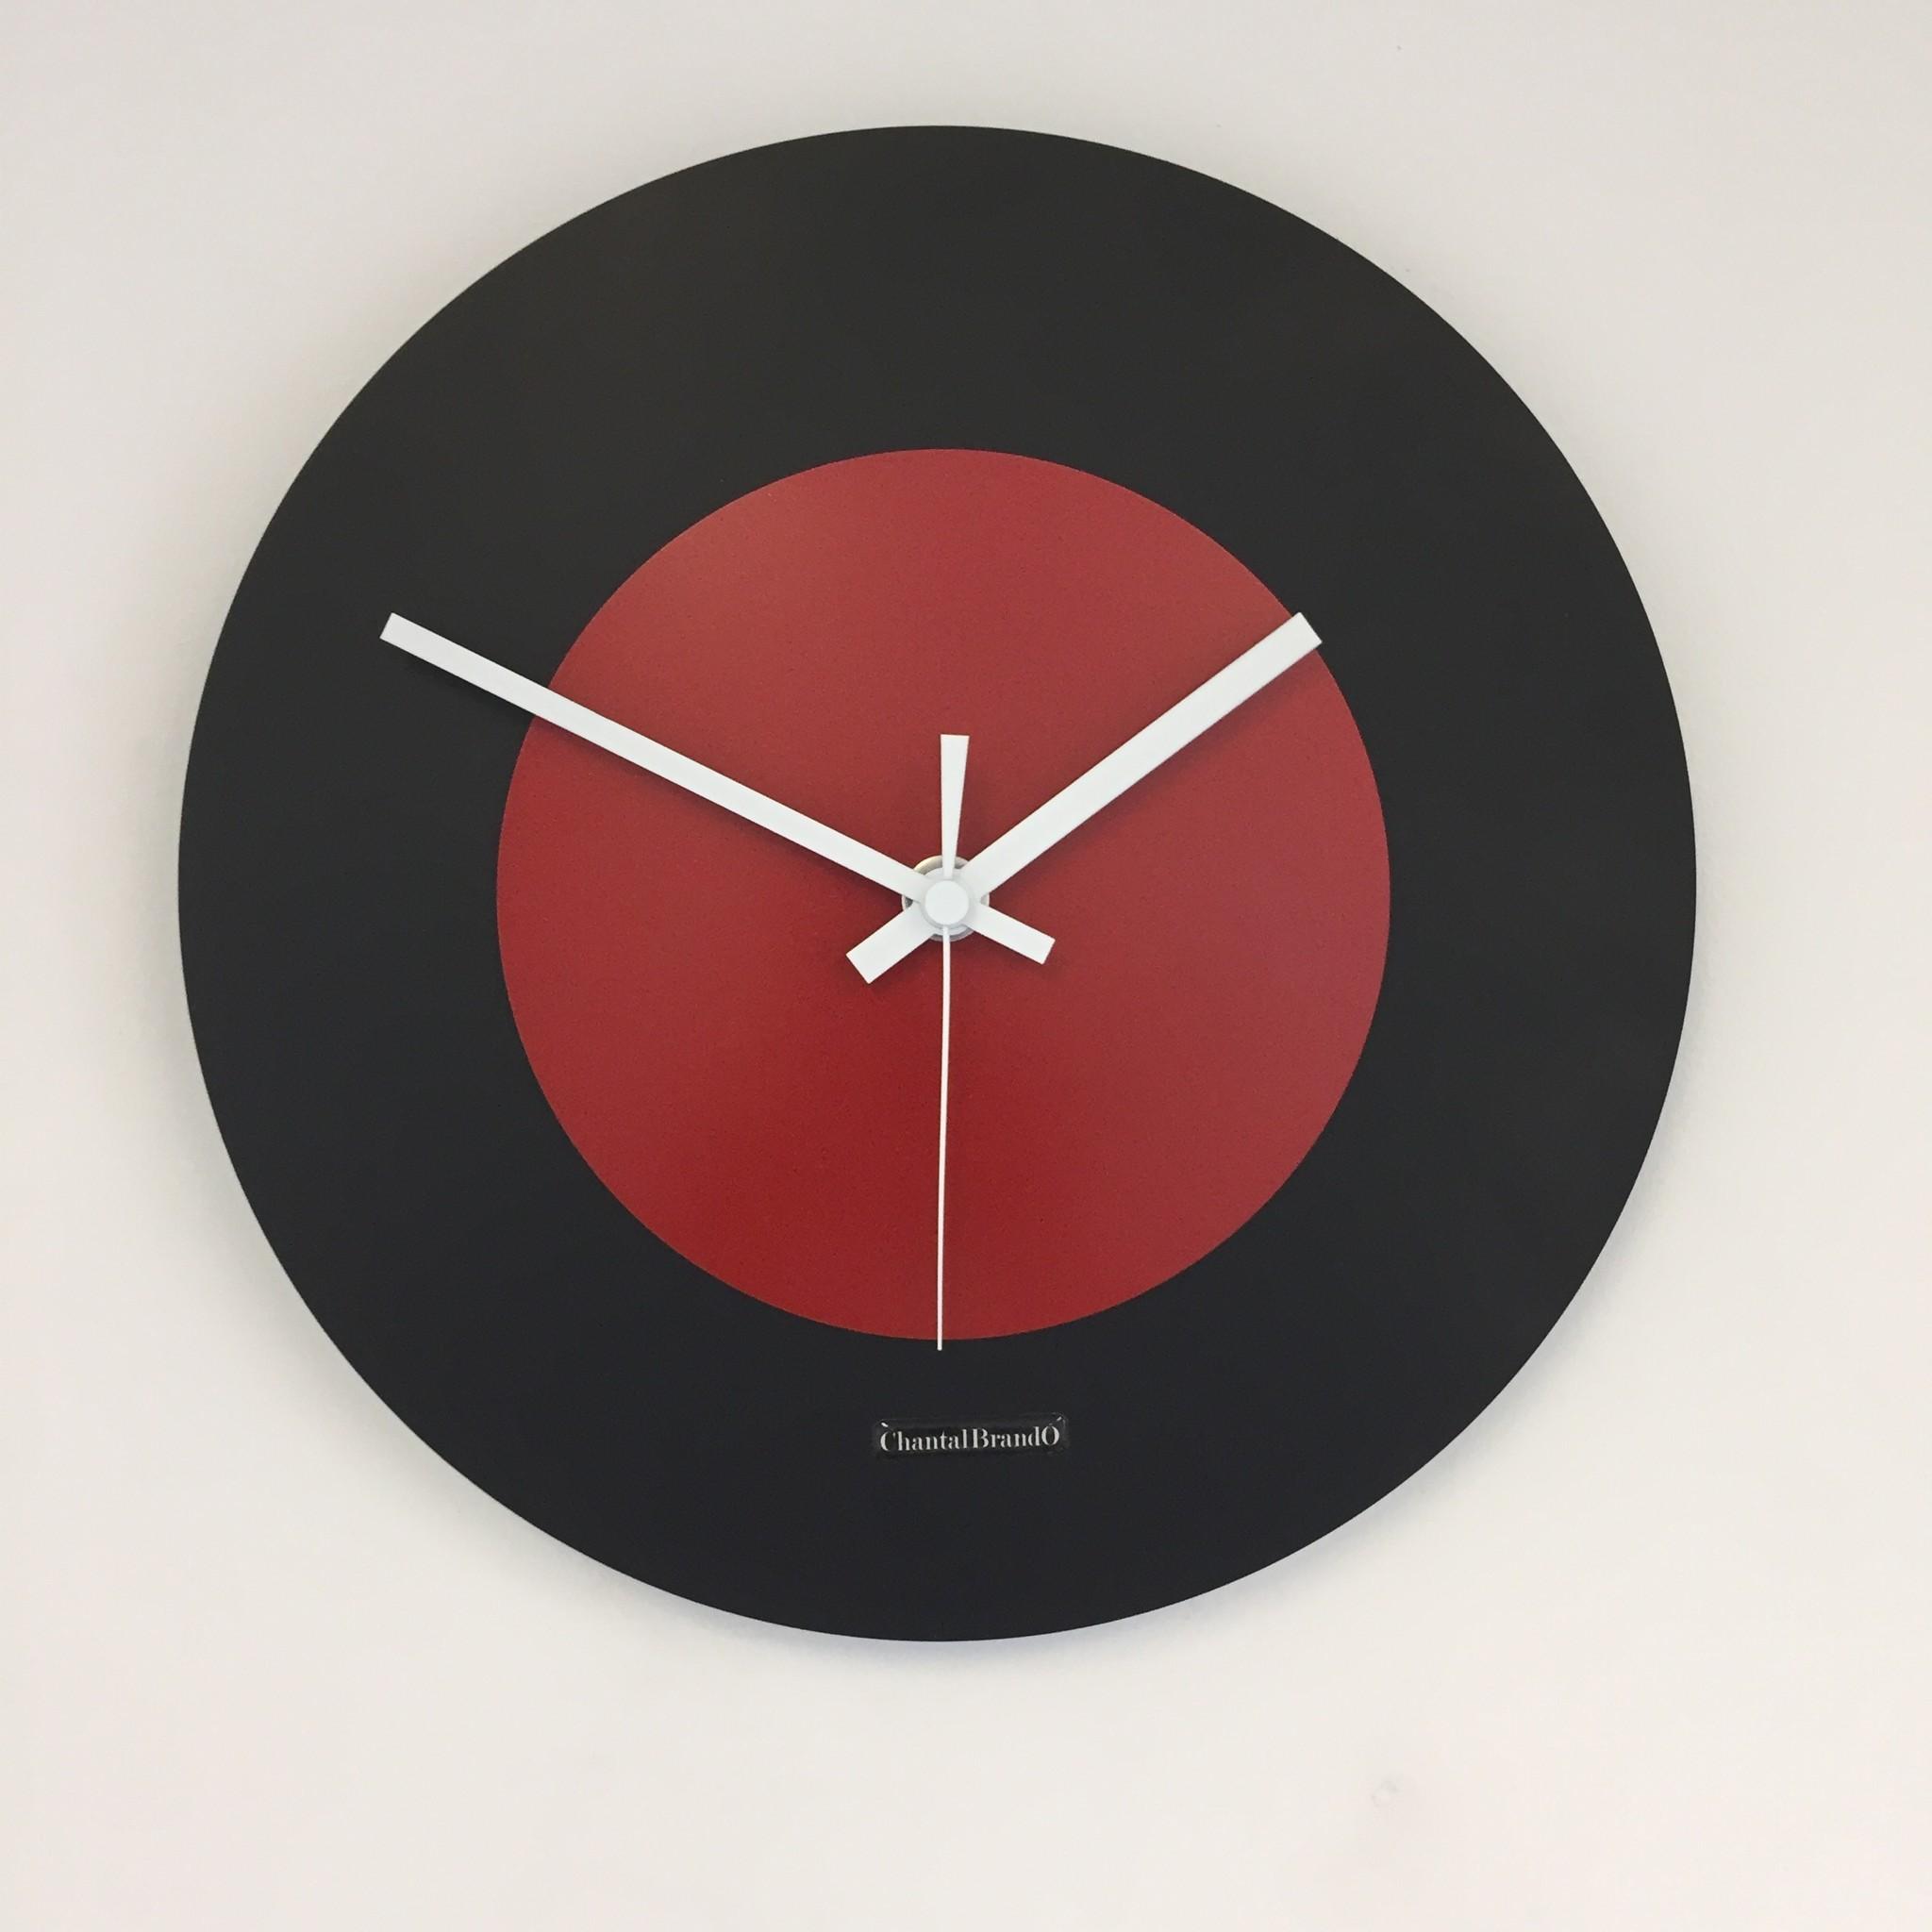 ChantalBrandO Wandklok Black & RED modern Dutch Design